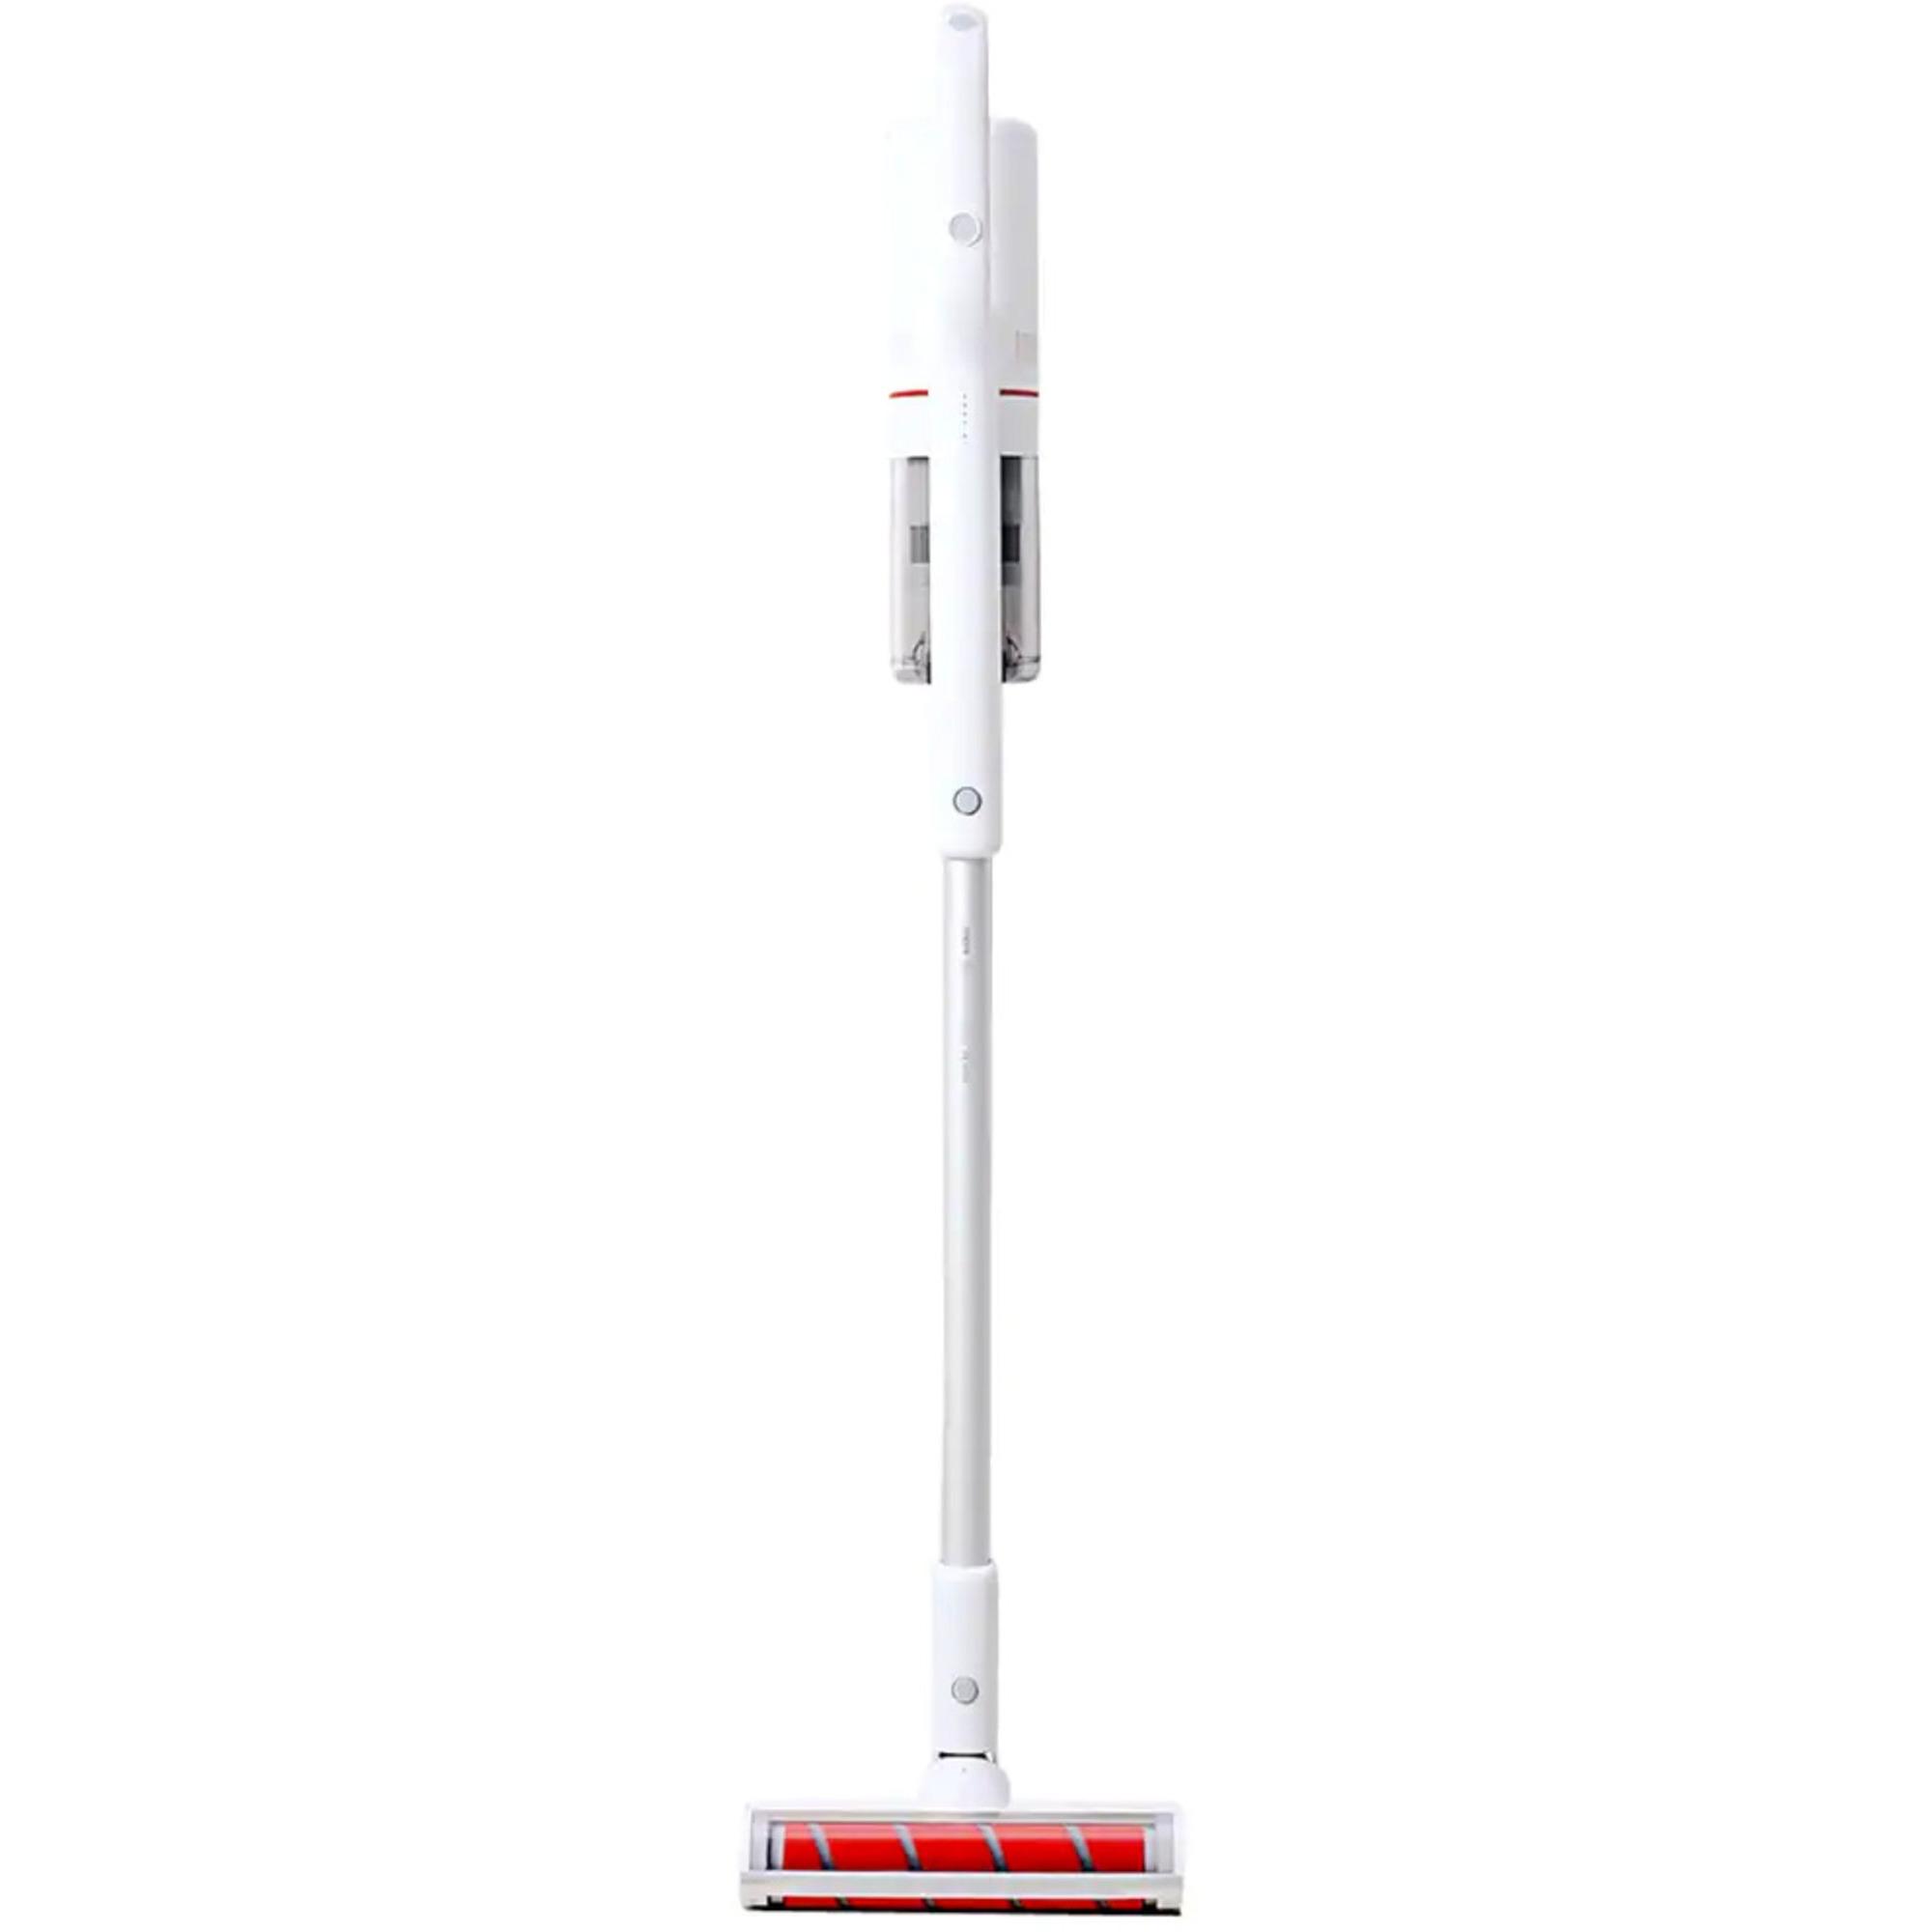 Roidmi Roidmi F8 cordless vacuum cleaner